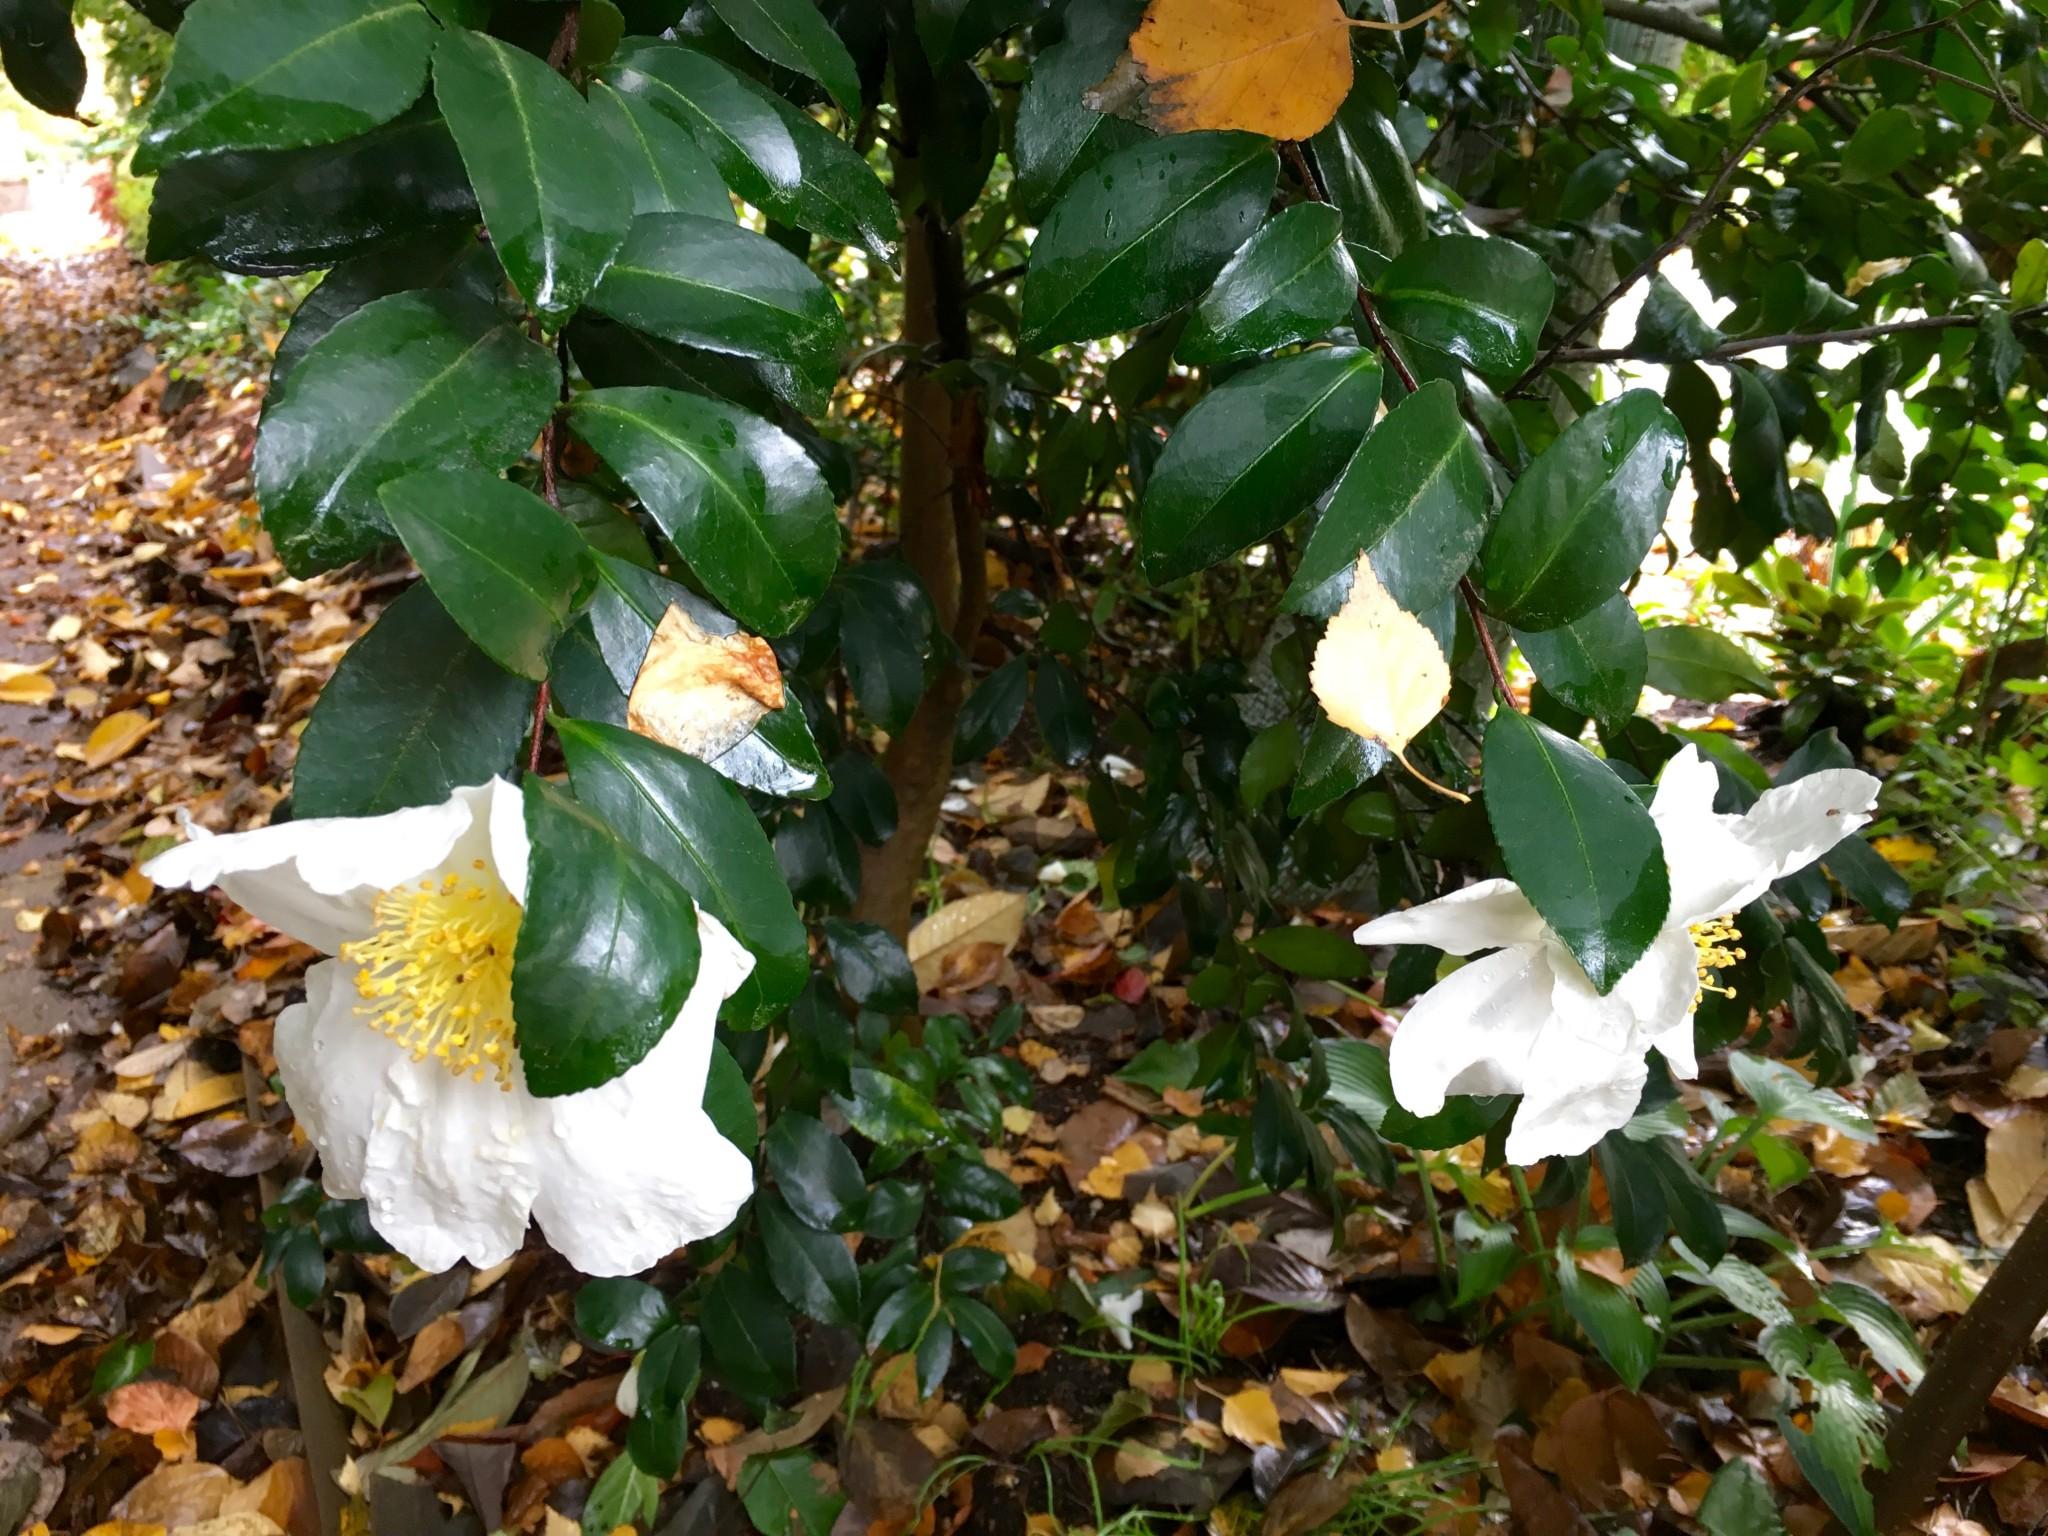 White single flower in Skidmore Woods.